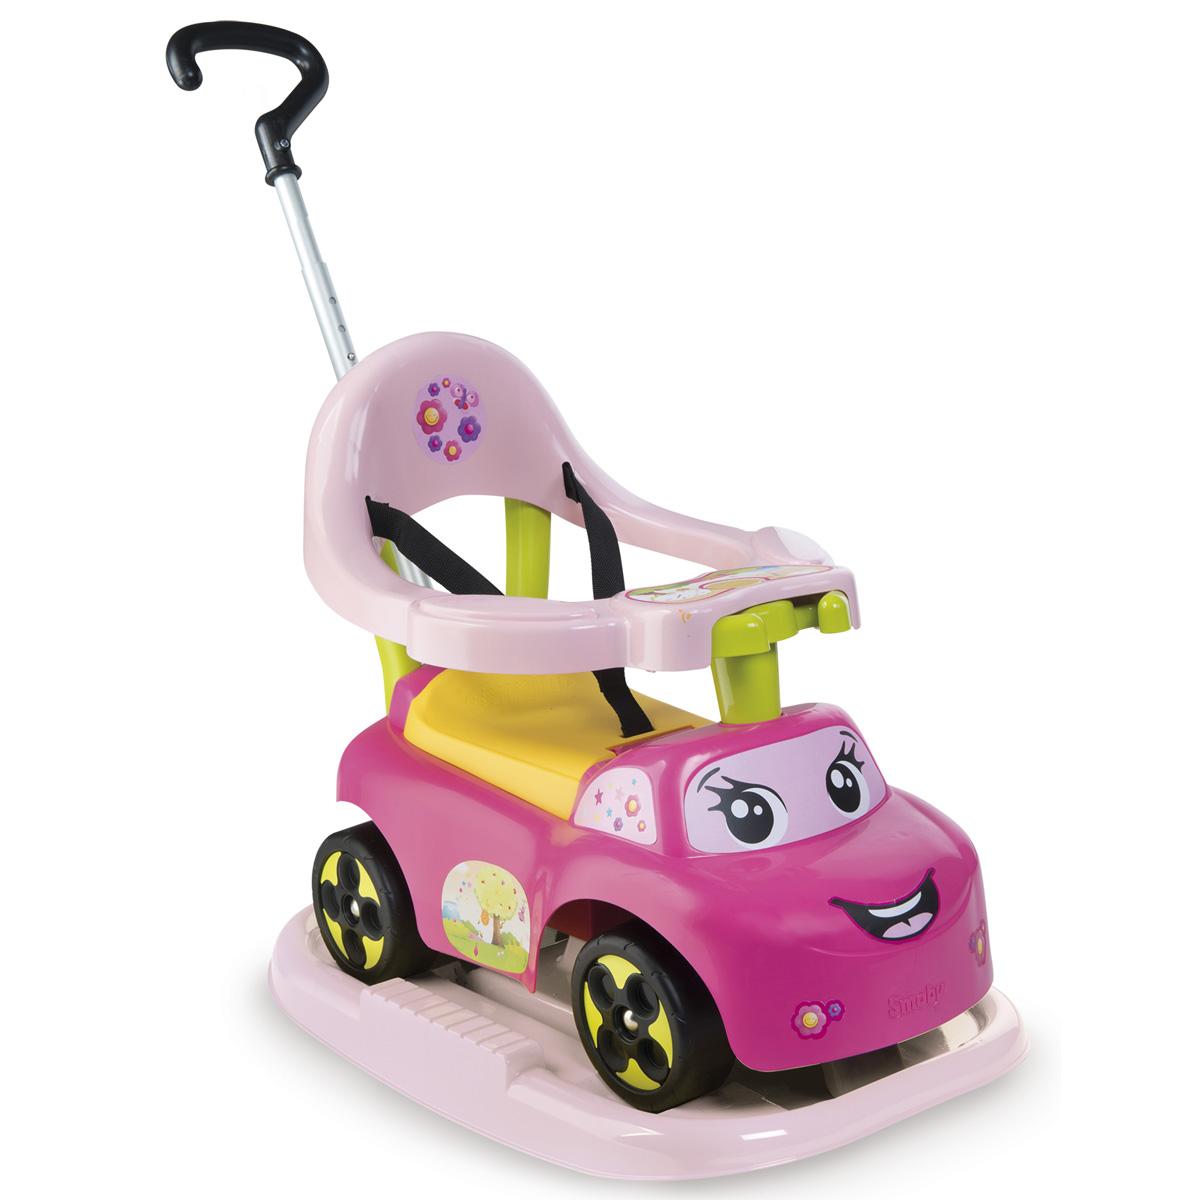 Smoby Каталка-качалка трансформер цвет розовый720608Каталка-трансформер растет вместе с ребенком. Сначала это качалка для детей от 6 месяцев. Потом родители катают деток с помощью родительской ручки, а затем детки могут ездить сами. Каталка оснащена ремнями безопасности, кольцом безопасности, подножками для малышей, съемной родительской ручкой, электронным рулем и ящиком под сидением. Возраст: от 6мес.